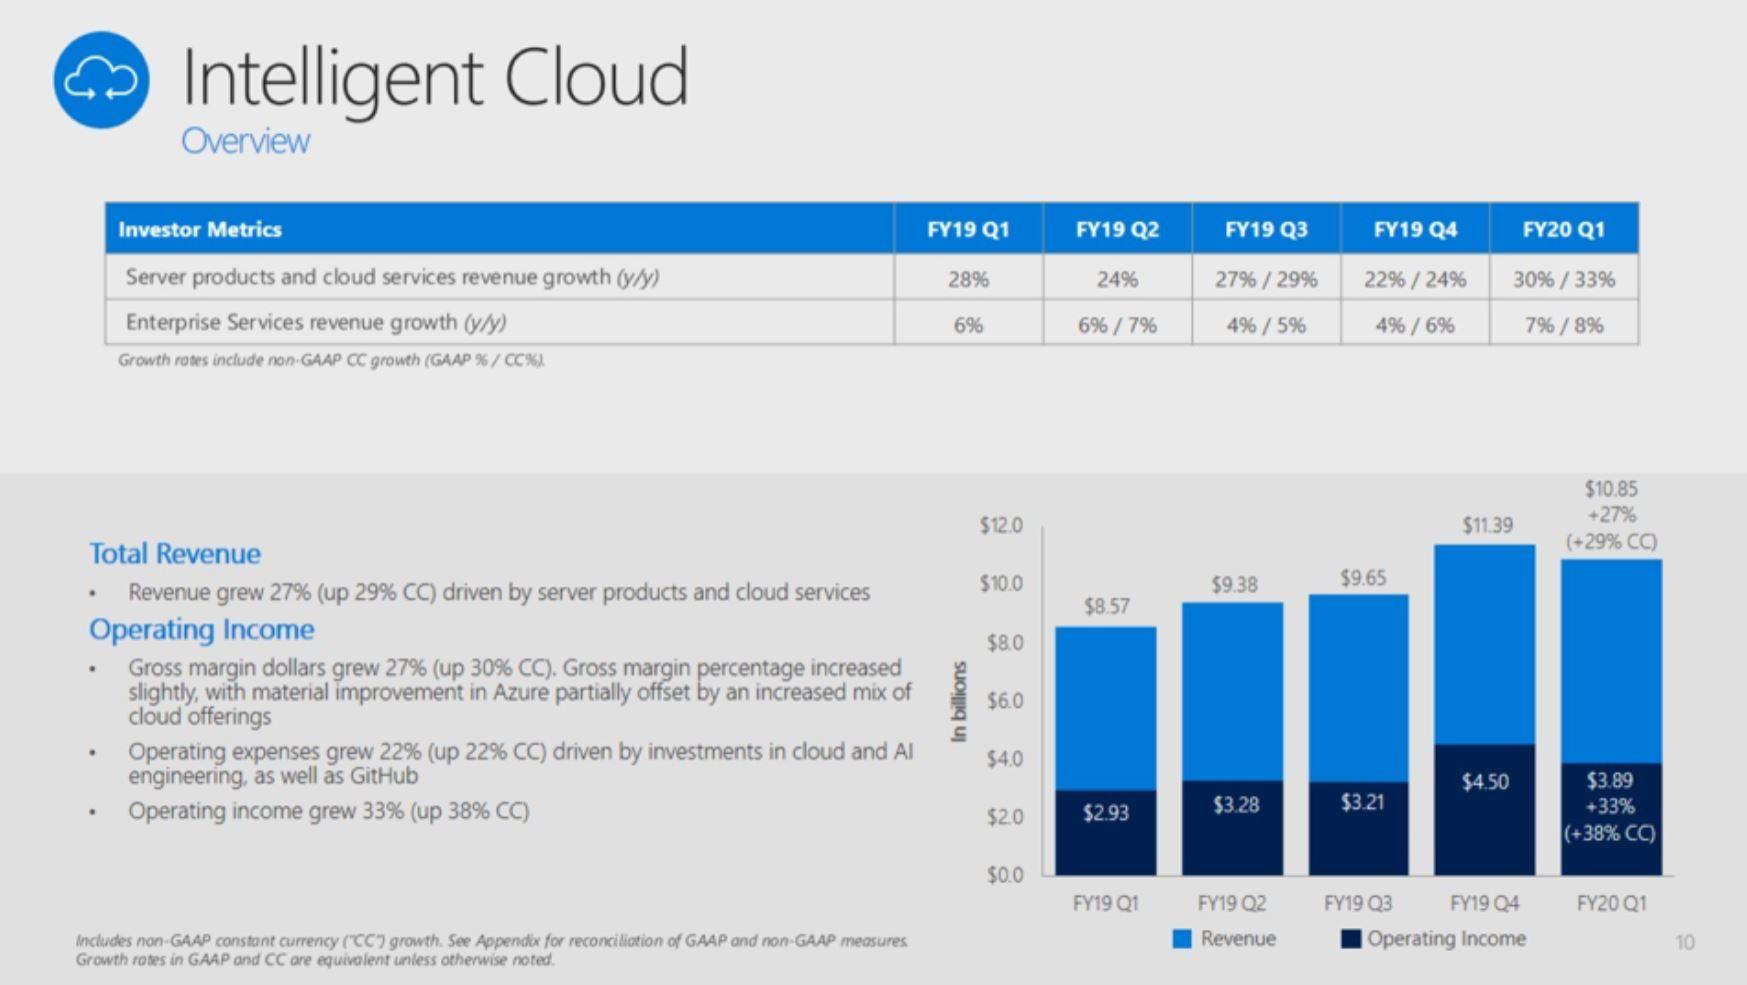 Microsoft決算は予想を上回る増収増益 クラウドが好調